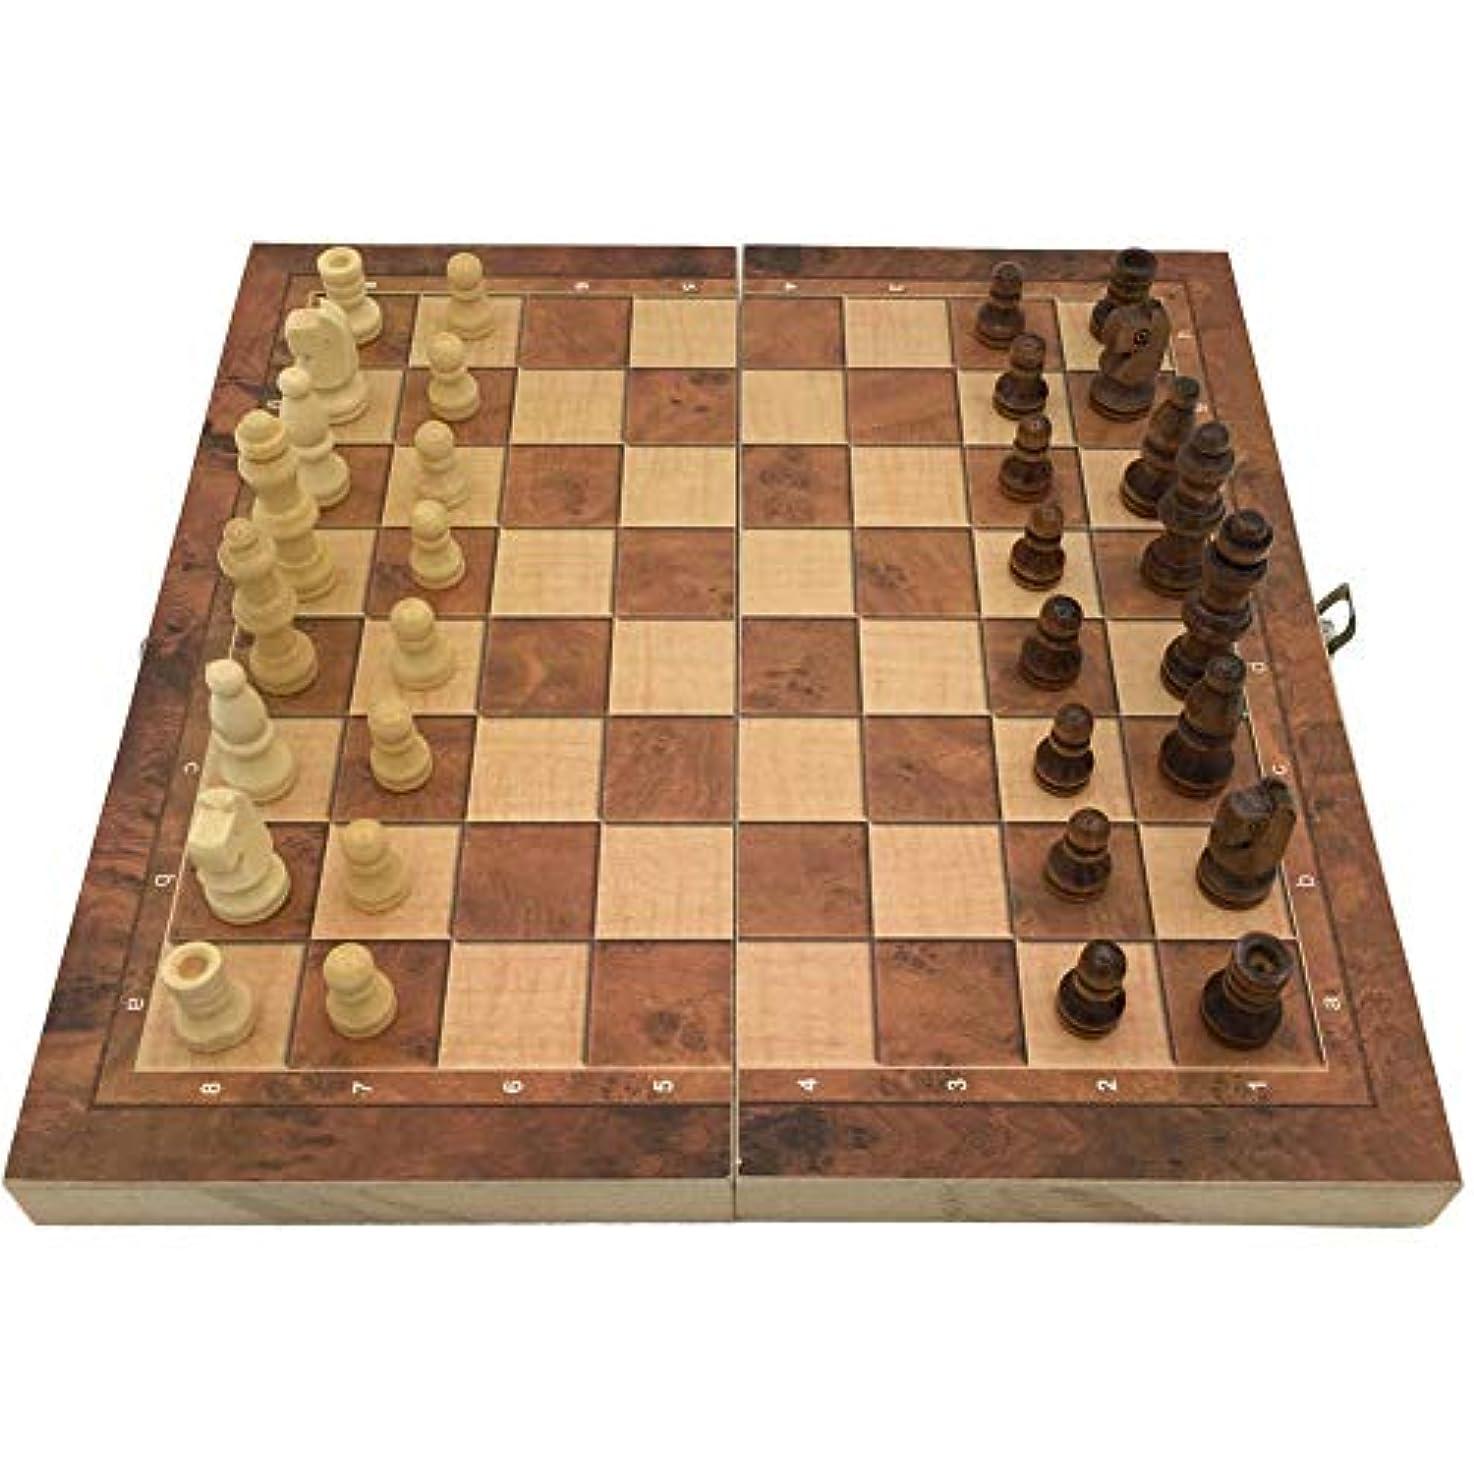 うまれたフェード飼い慣らすRocomoco チェス 駒 木製 チェッカー 折り畳み式 ゲーム バックギャモン ギフト 24cm